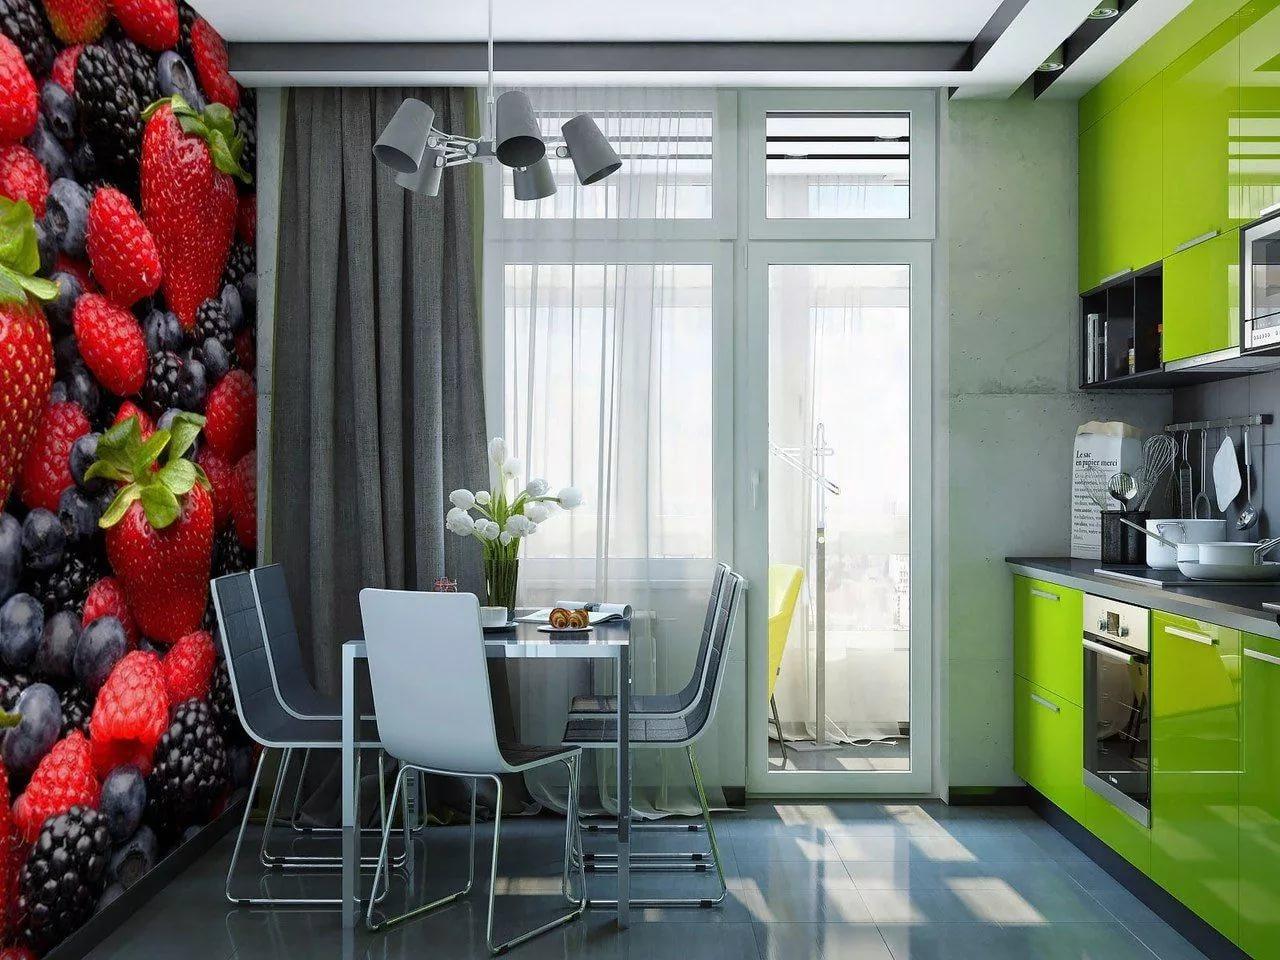 обои на кухню дизайн фото в квартиру окрашивают